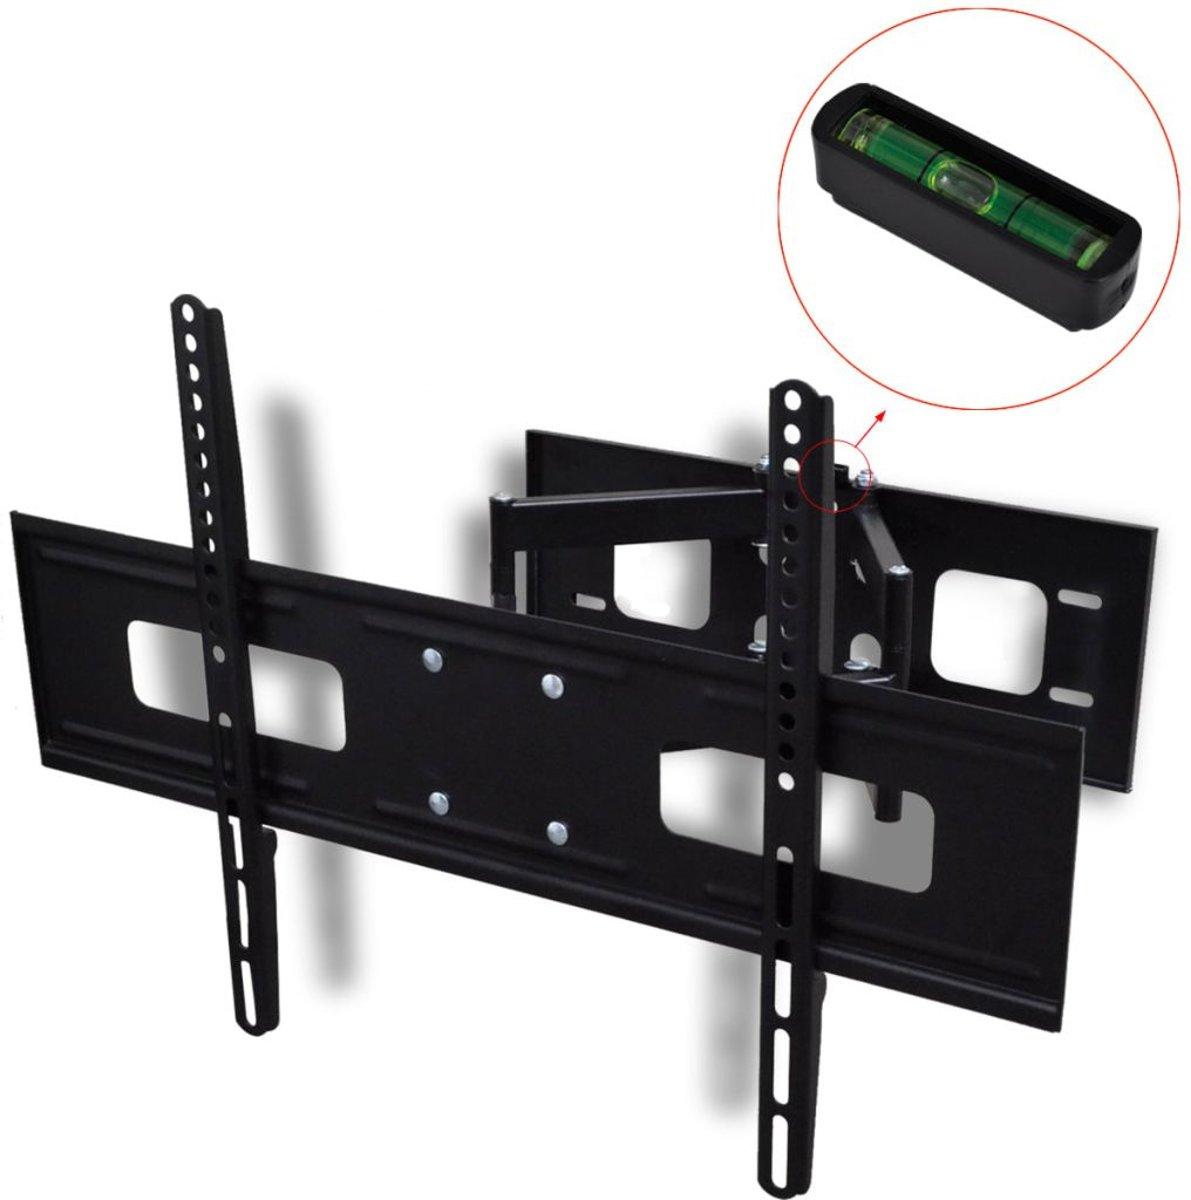 TV beugel voor aan de muur met draaihoek 3D 600 x 400 mm kopen